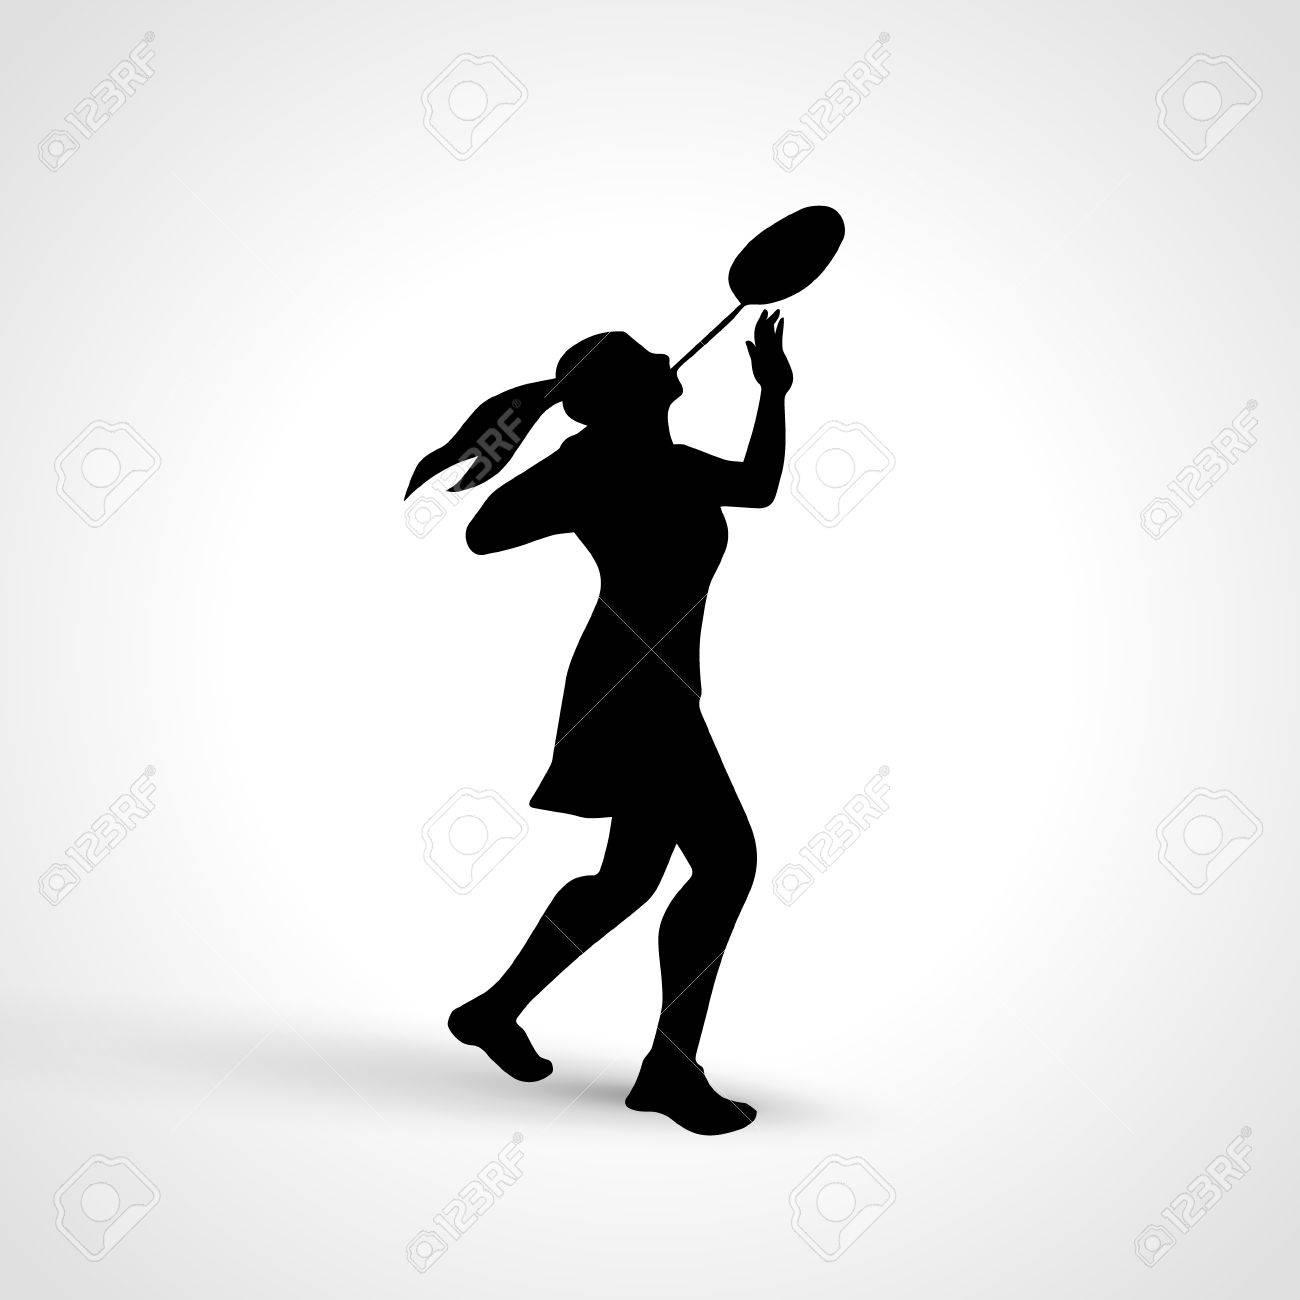 女子バドミントン選手の創造的なシルエットのイラスト素材 ベクタ Image